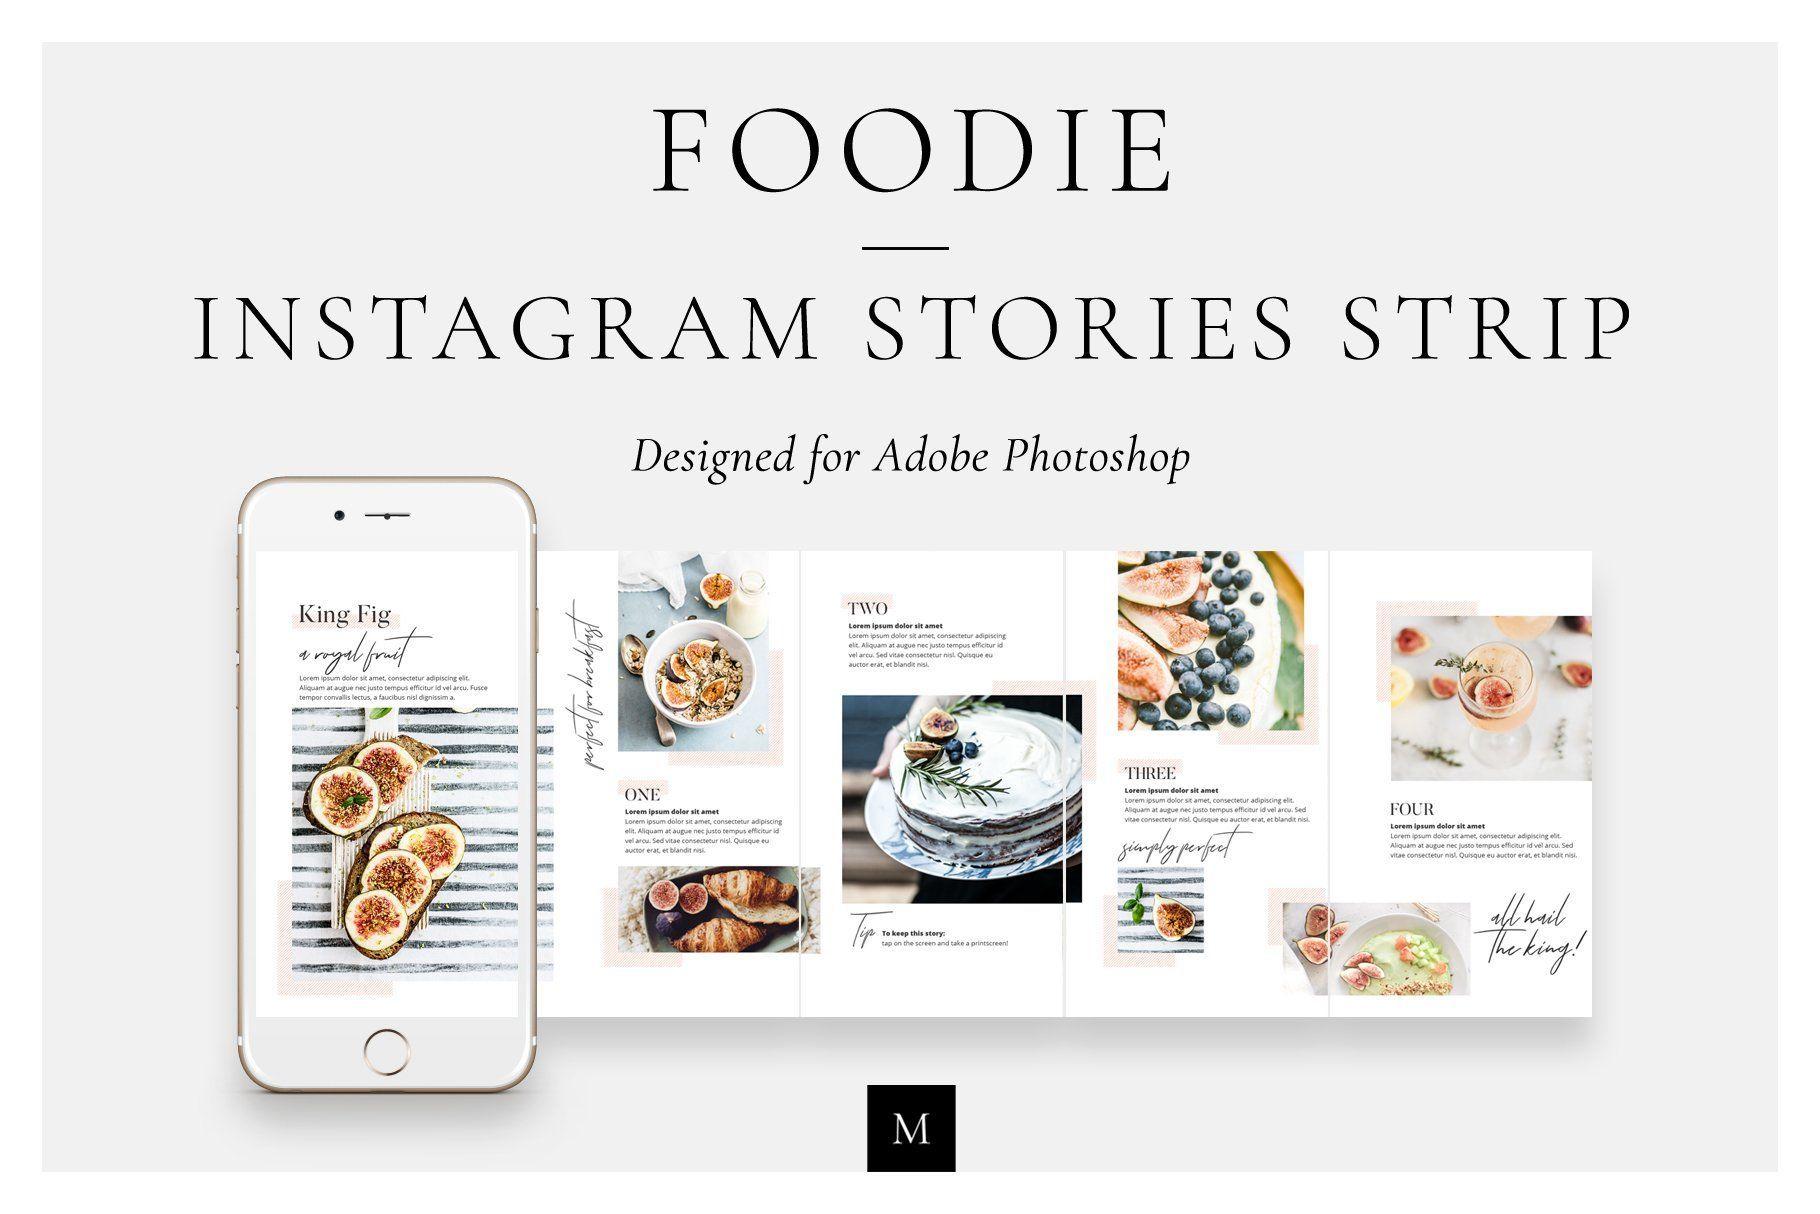 Foodie Instagram Stories Strip Instagram story, Social